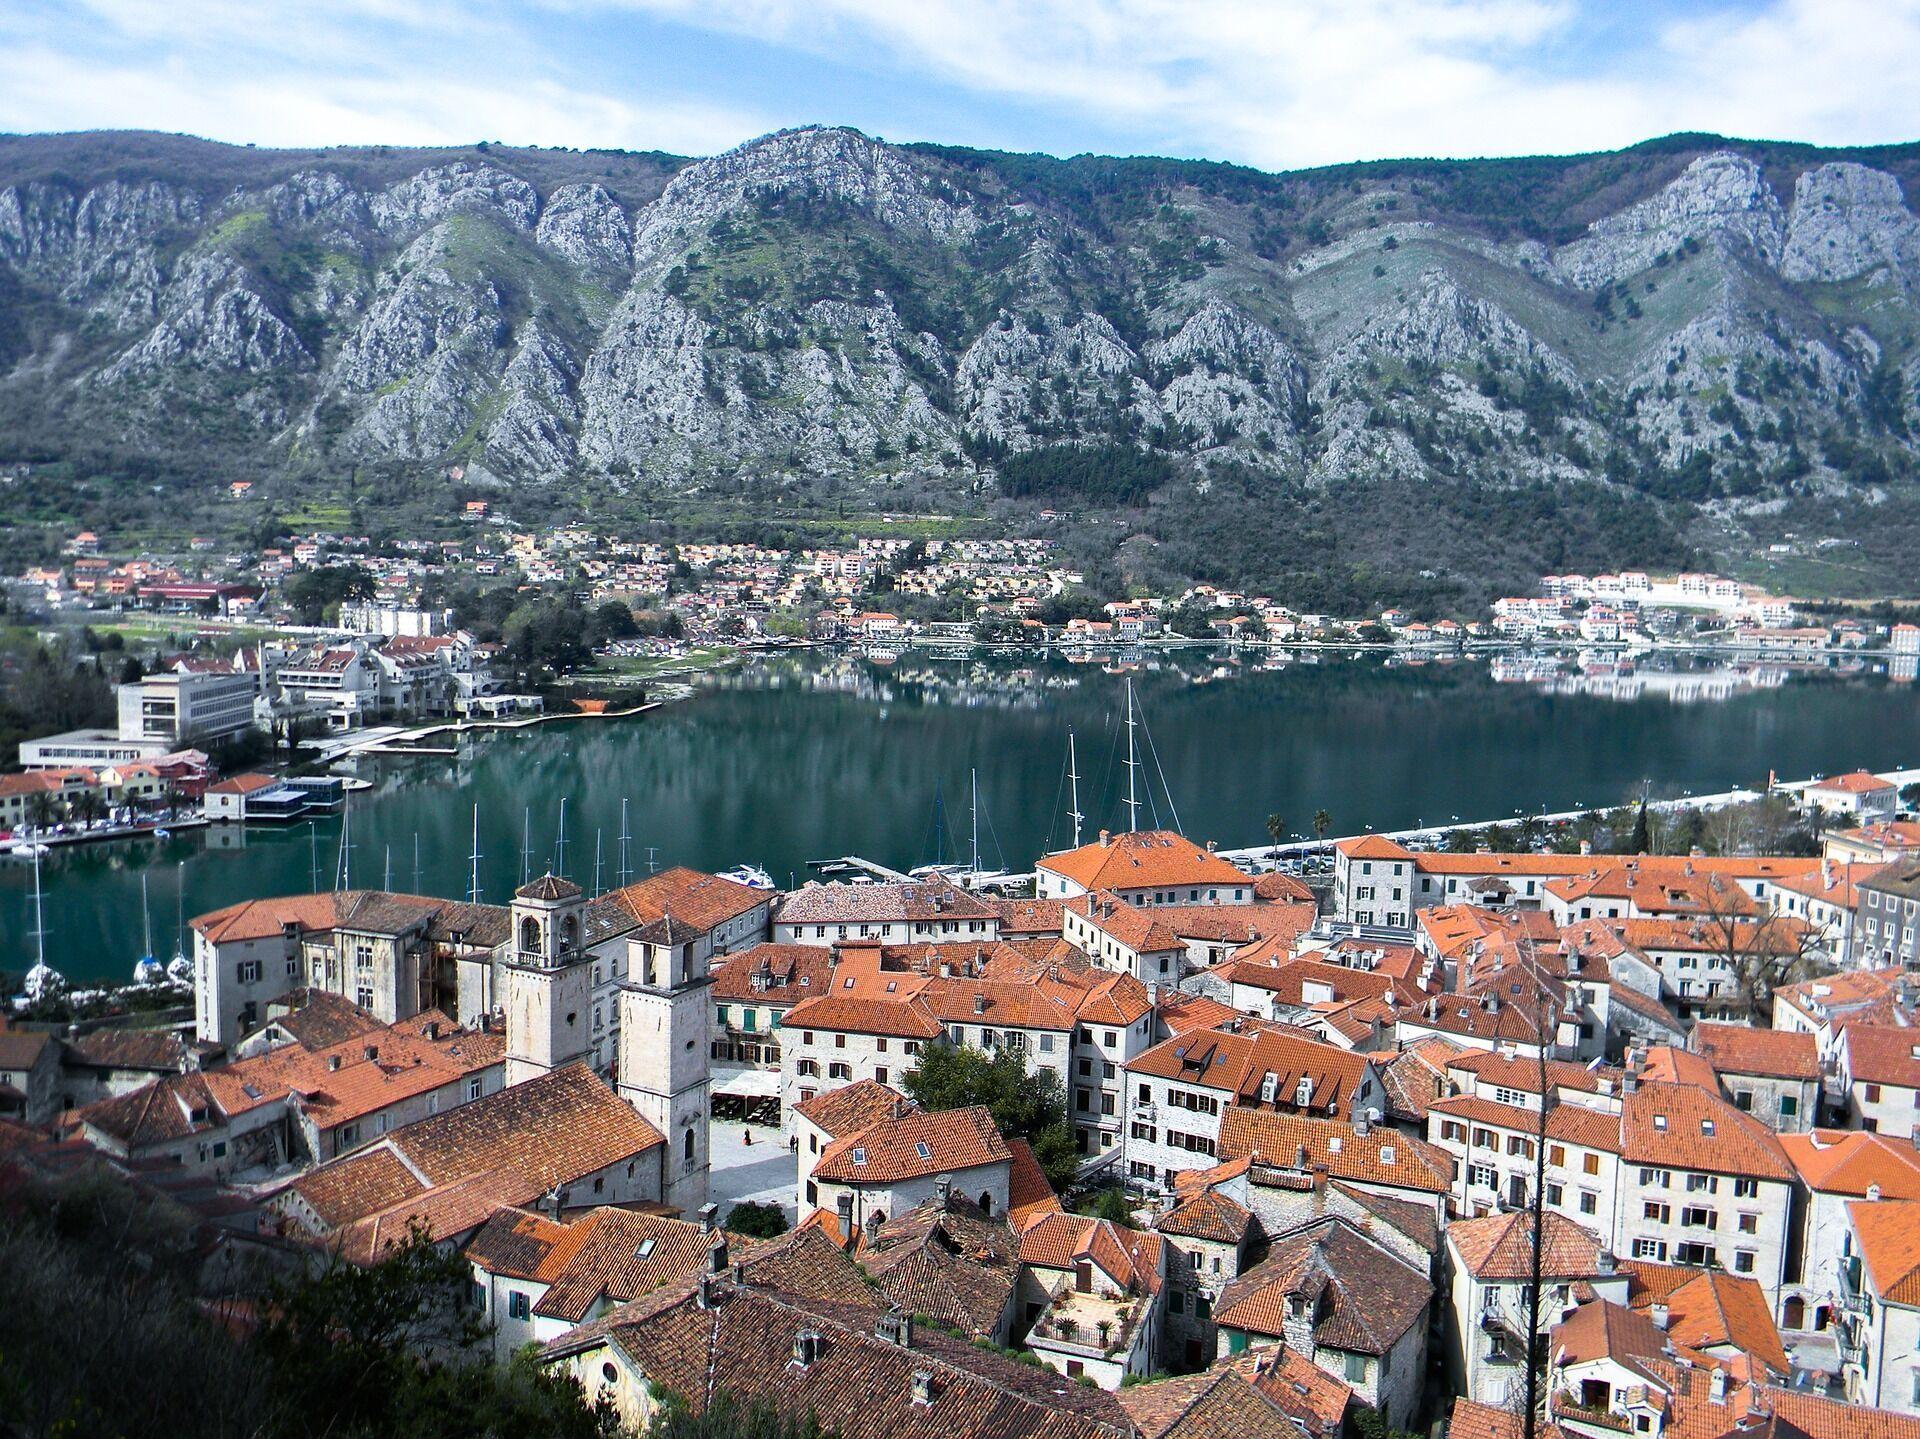 Будва – це туристичний мегаполіс і один із найпопулярніших курортів Чорногорії